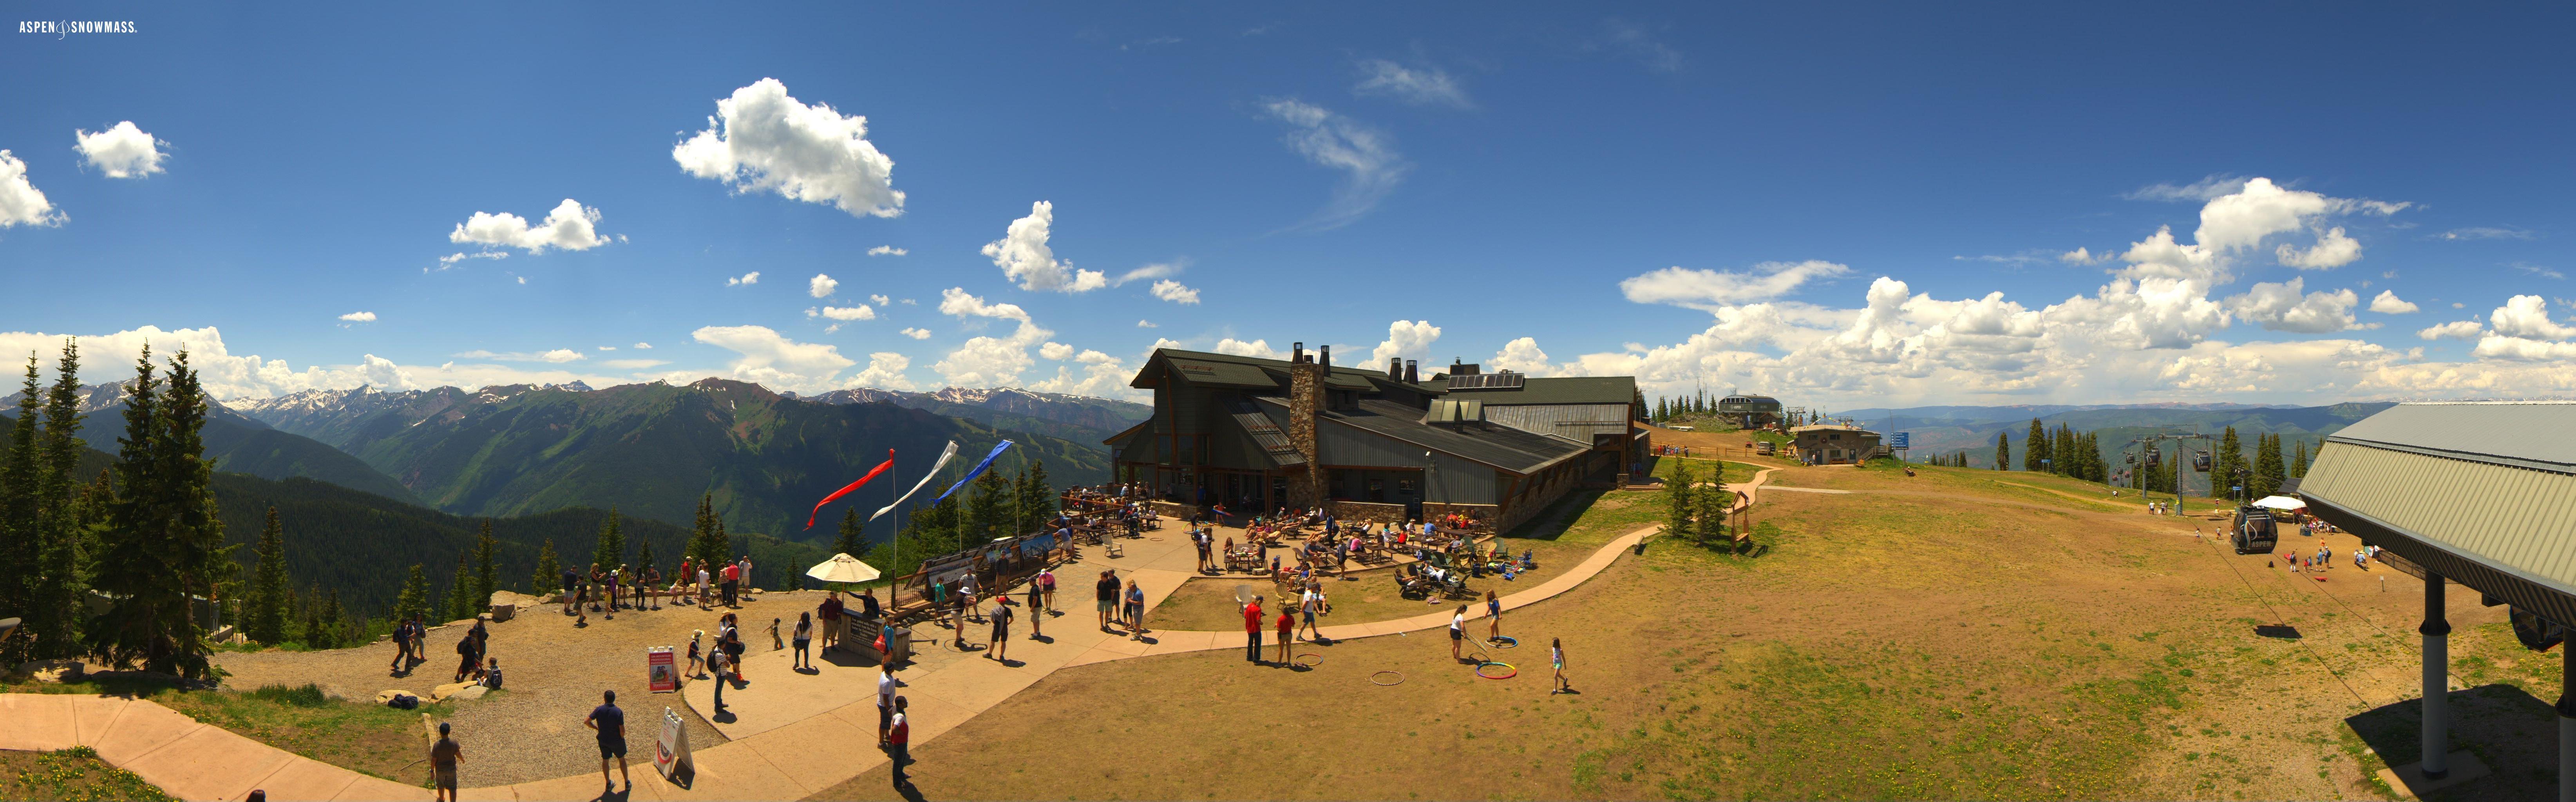 Aspen Mountain, CO